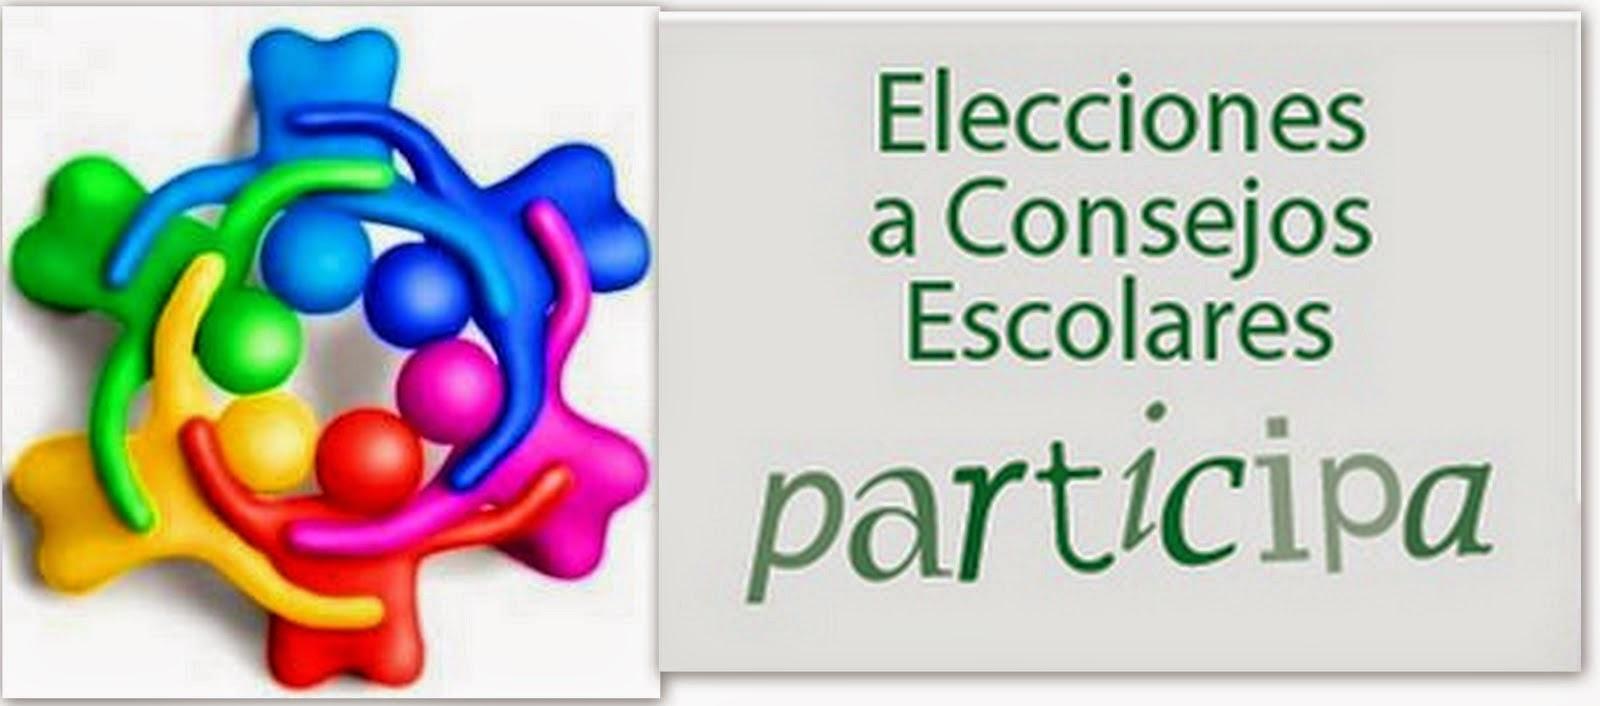 ELECCIONES CONSEJO ESCOLAR: CONSTITUCIÓN JUNTA ELECTORAL